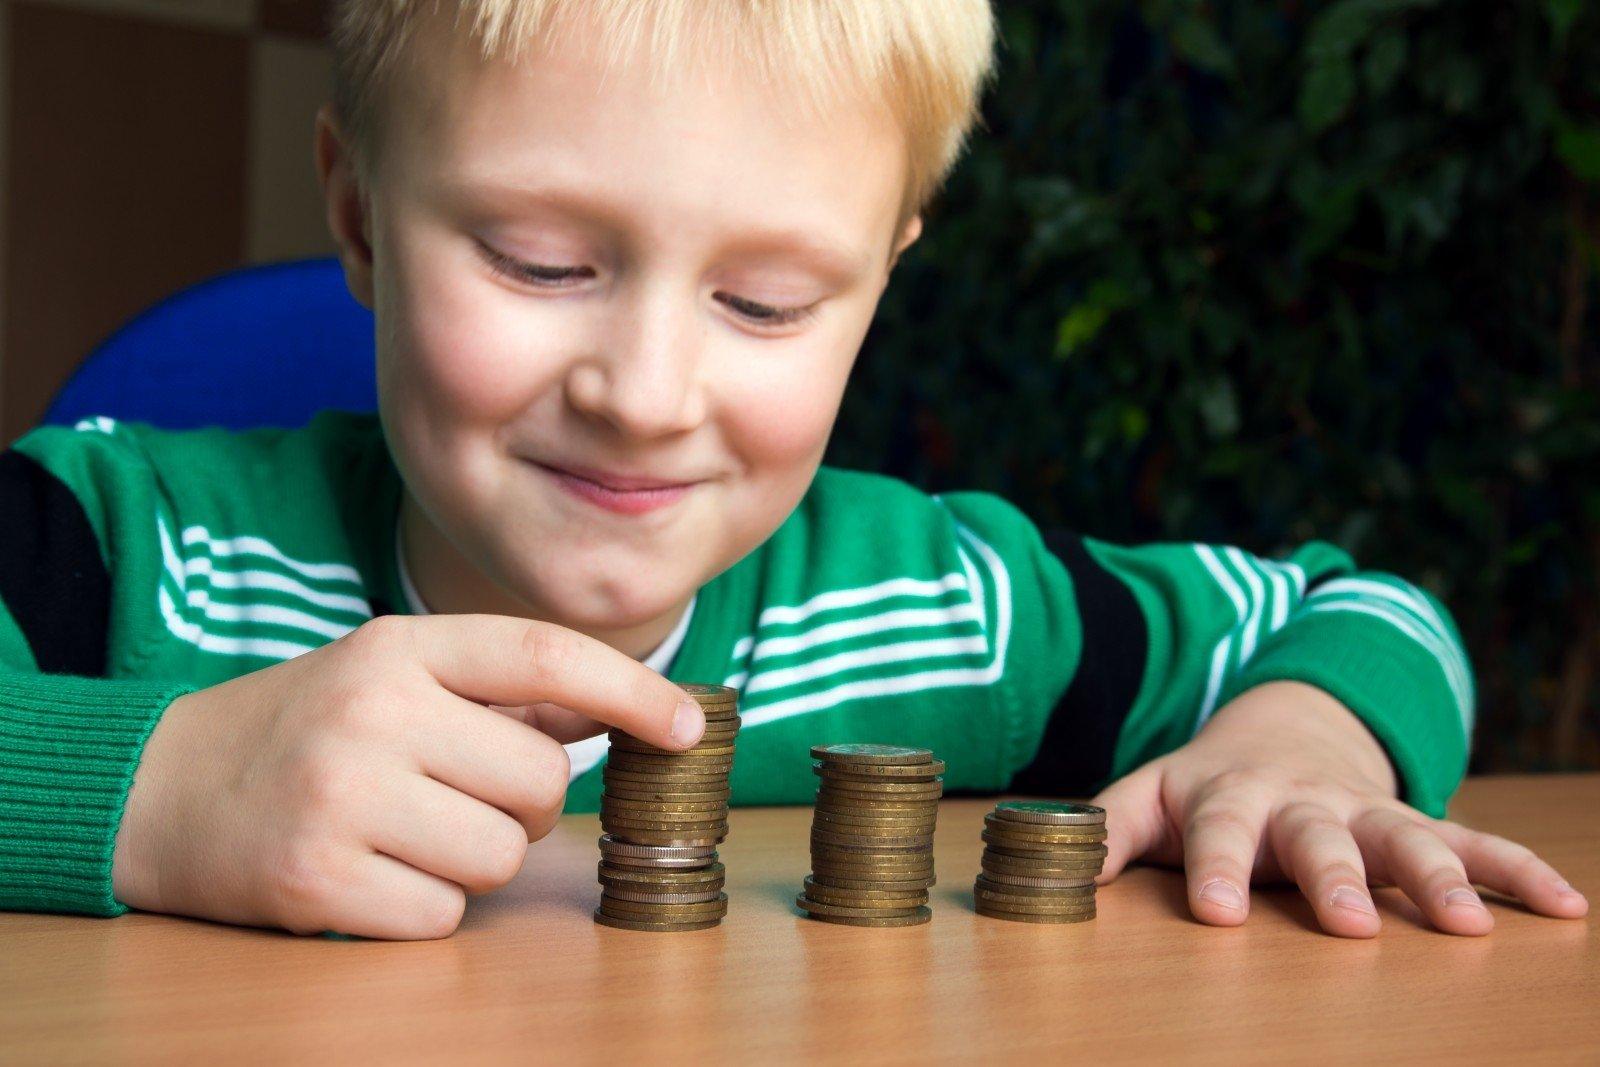 kaip išmokti užsidirbti pinigų psichoterapija)